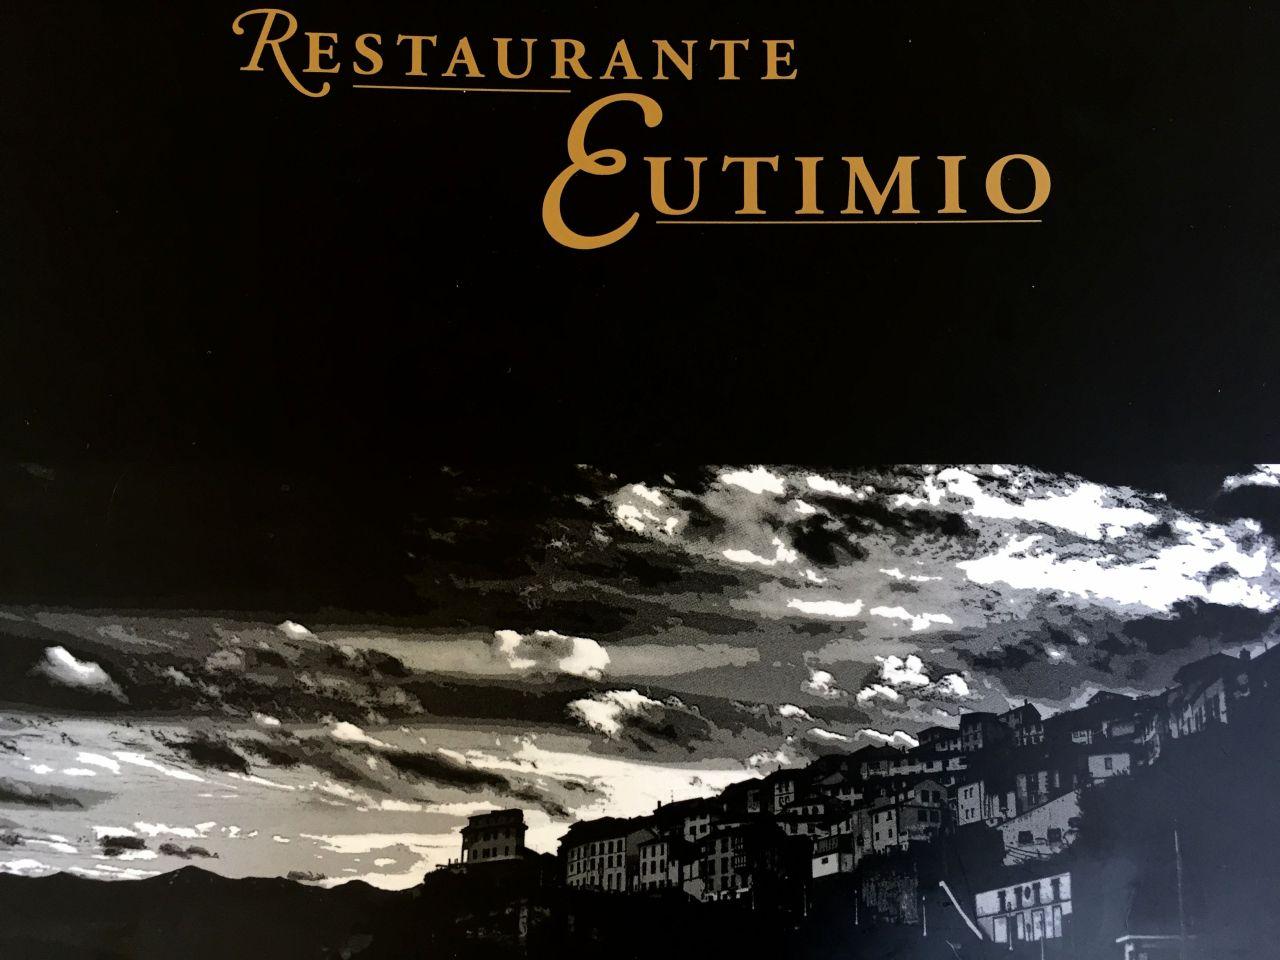 Casa Eutimio